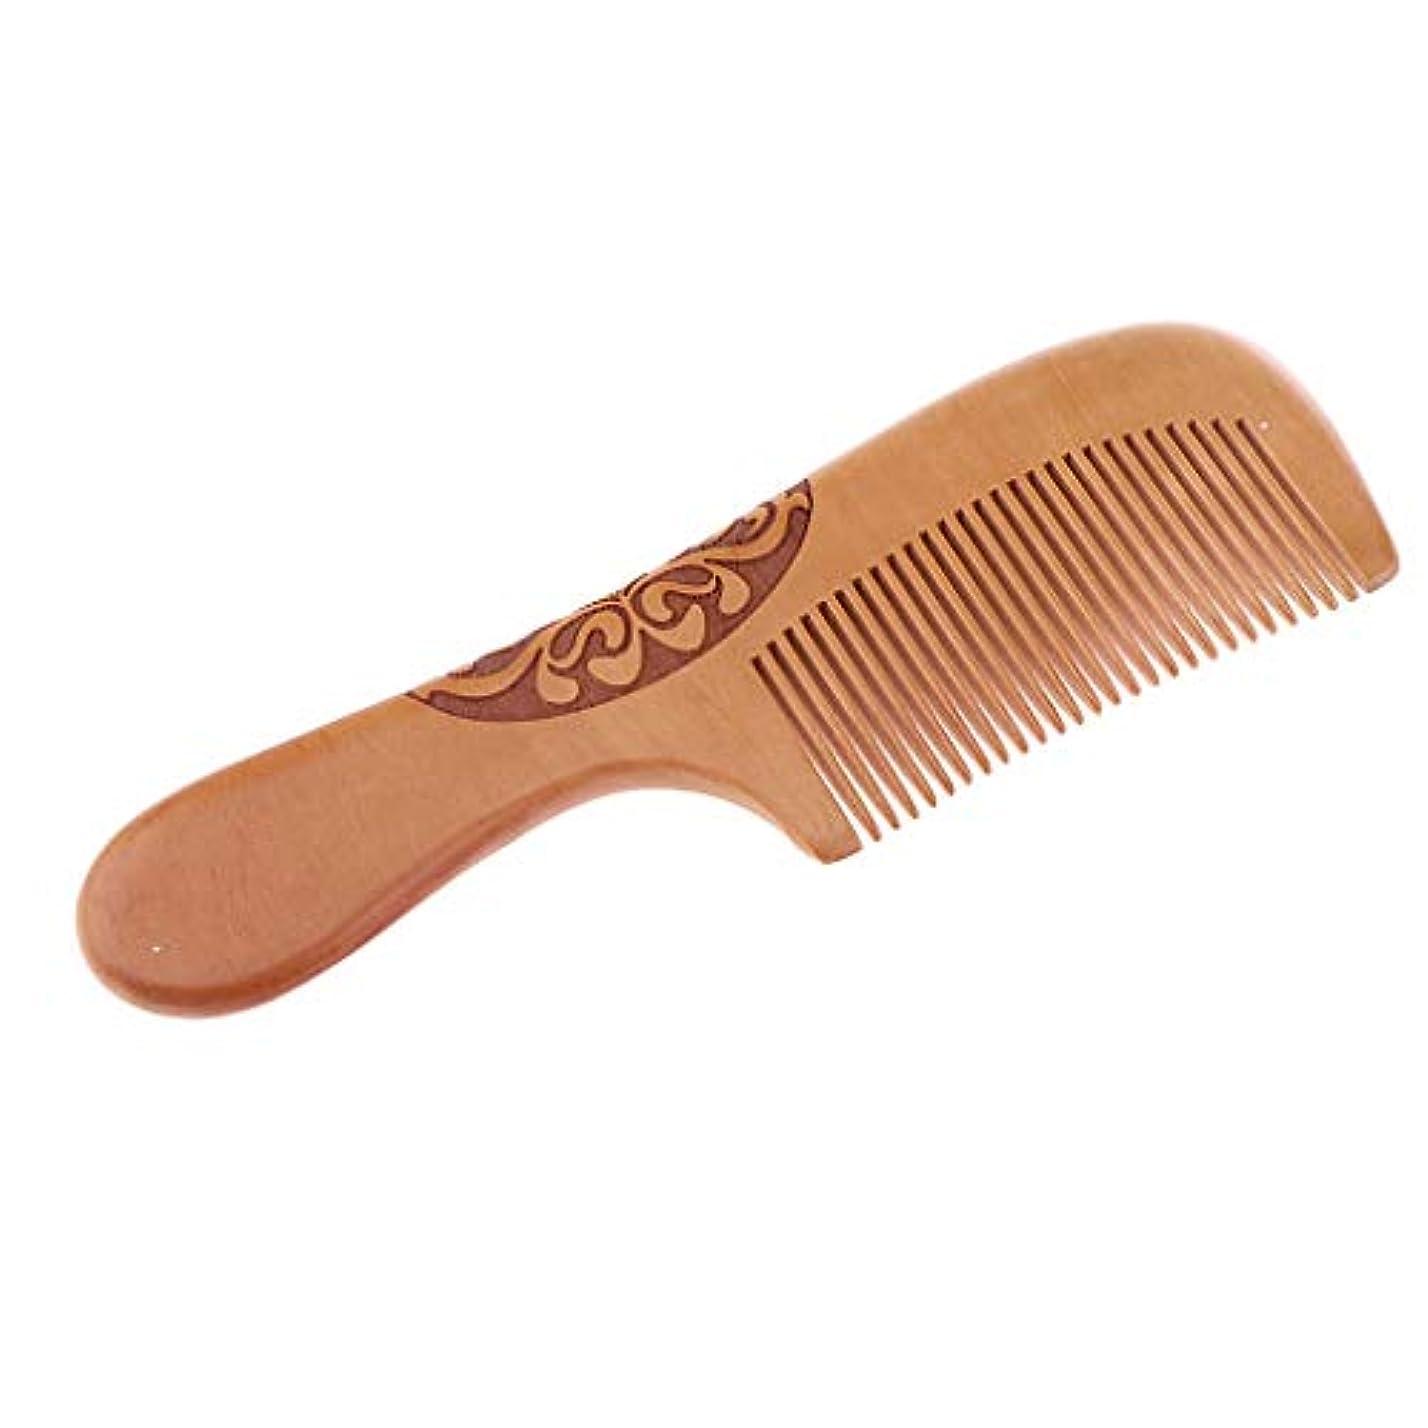 パール全く不従順ヘアコーム 広い歯 櫛 木製 美髪ケア 頭皮マッサージ 4タイプ選べ - H